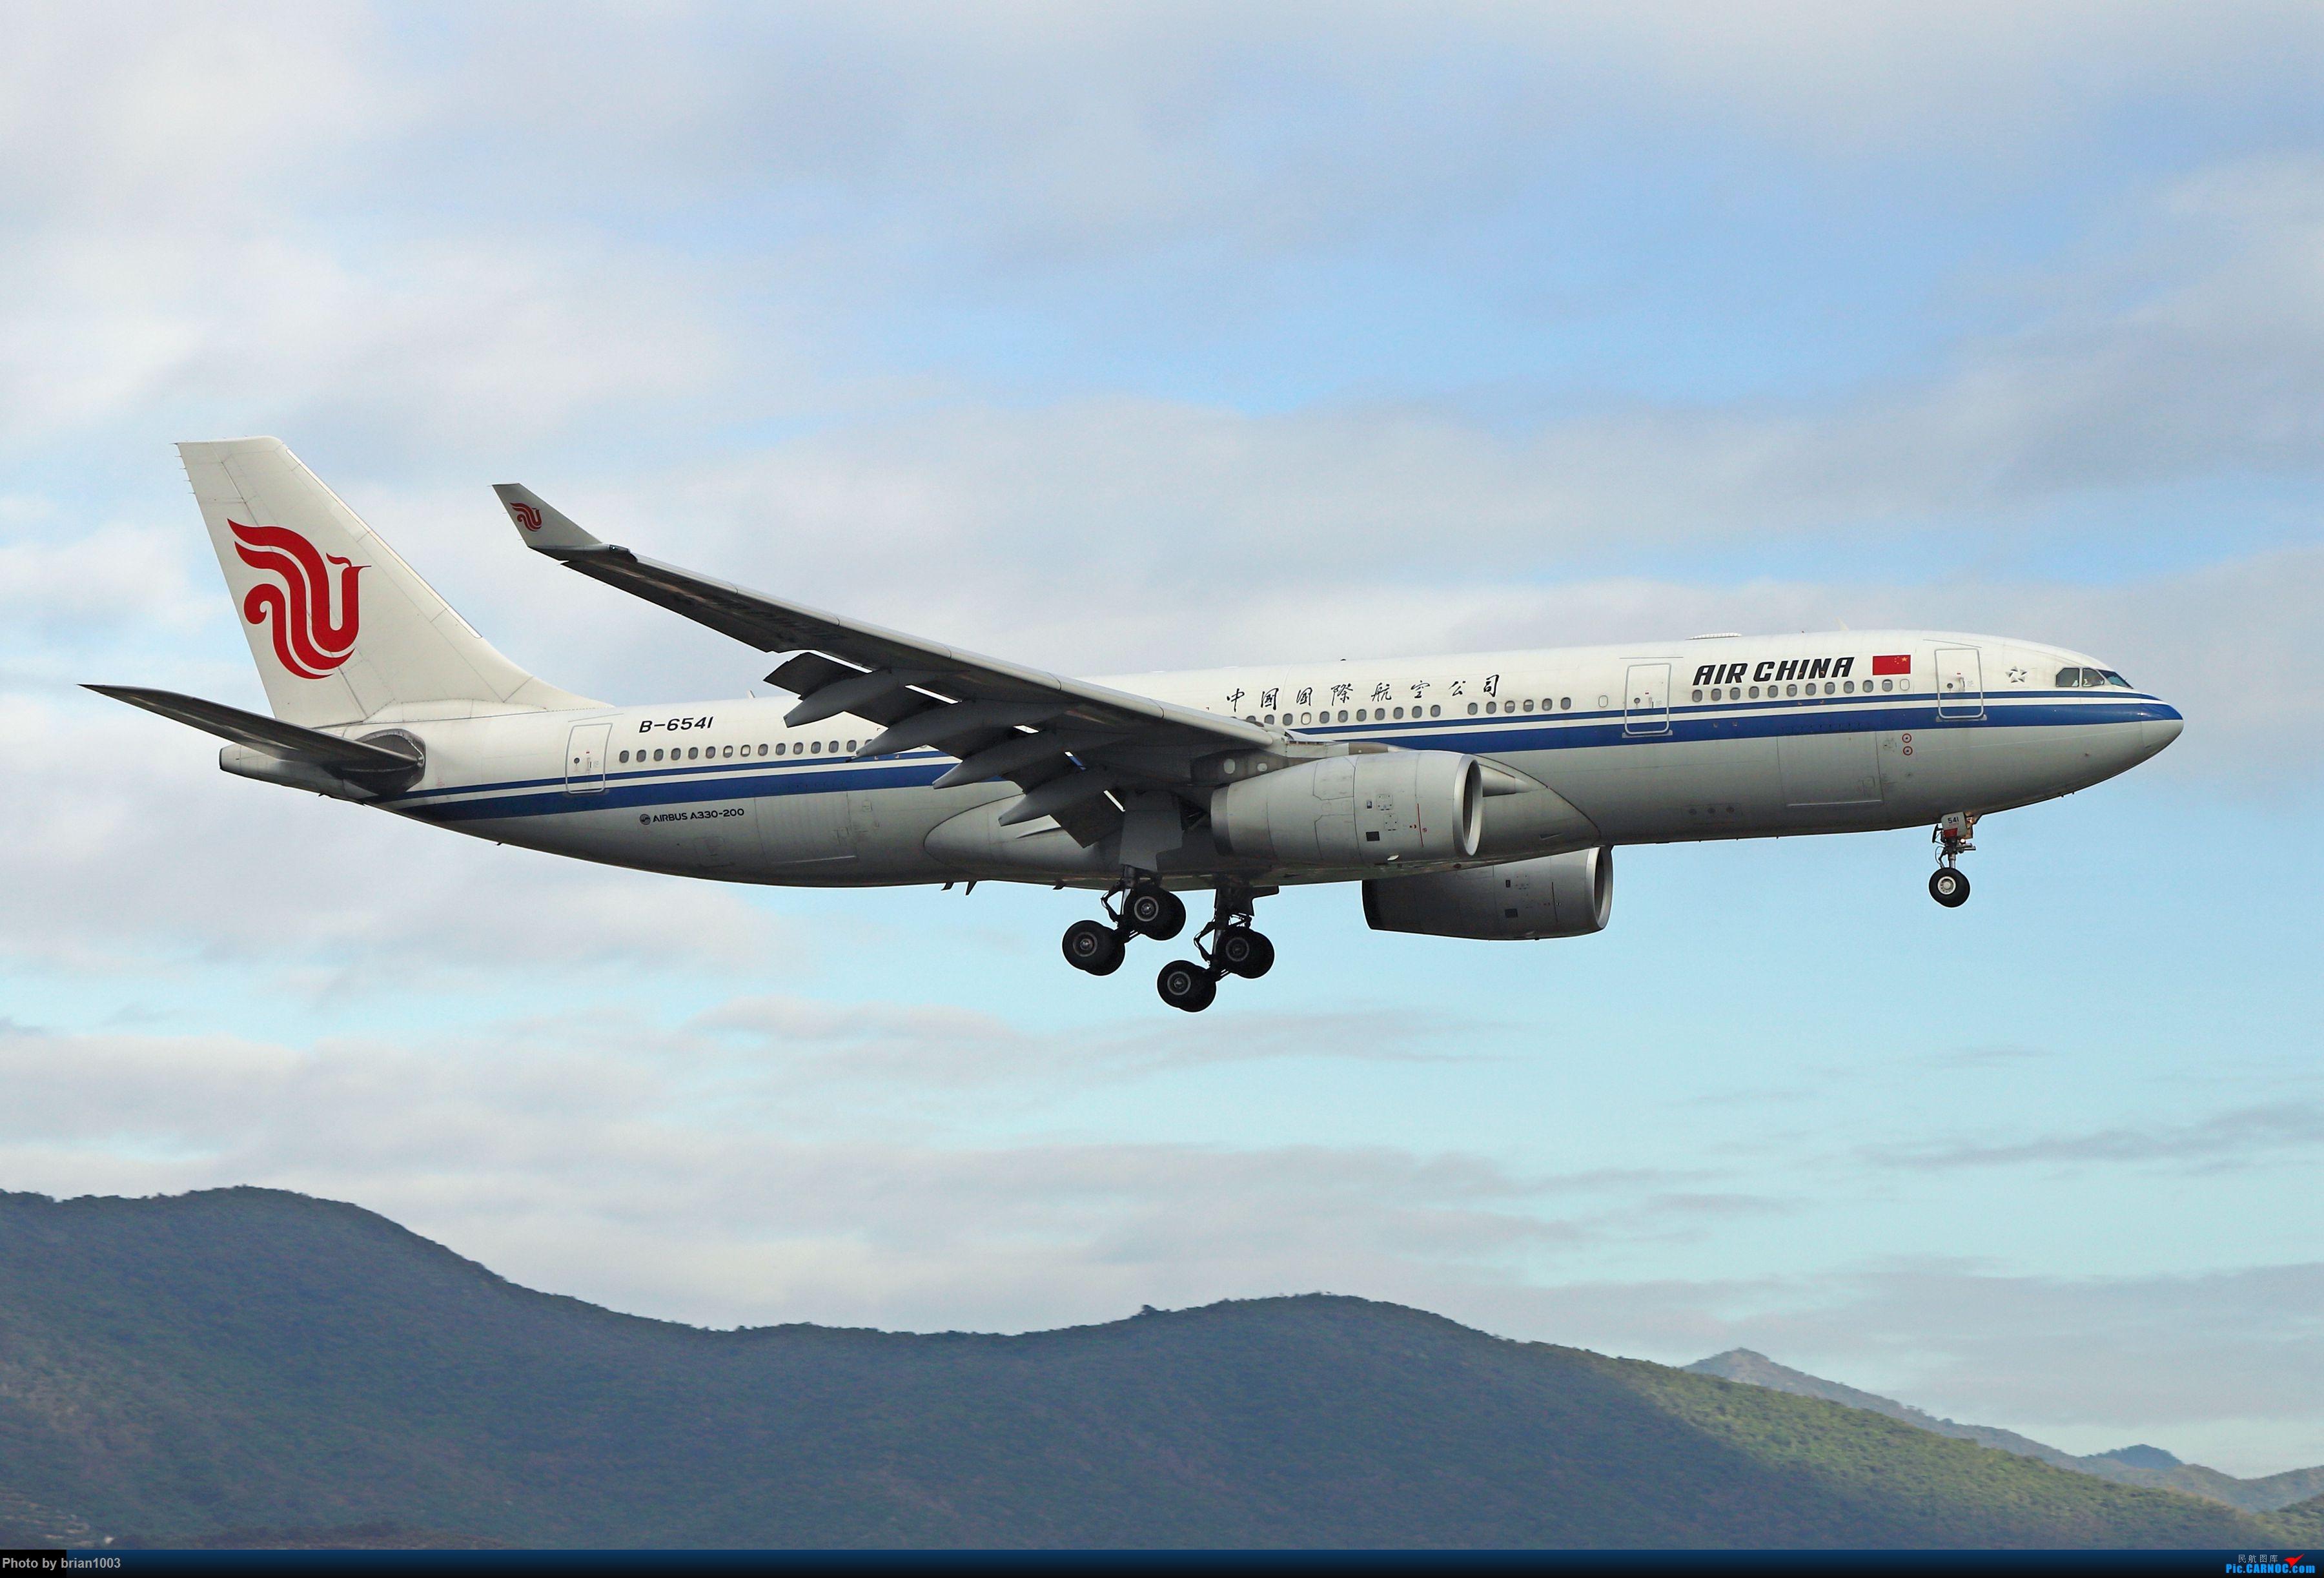 Re:[原创]CZ3347-CZ6734-HU7659,忙里偷闲的三亚拍机之行 AIRBUS A330-200 B-6541 中国三亚凤凰国际机场